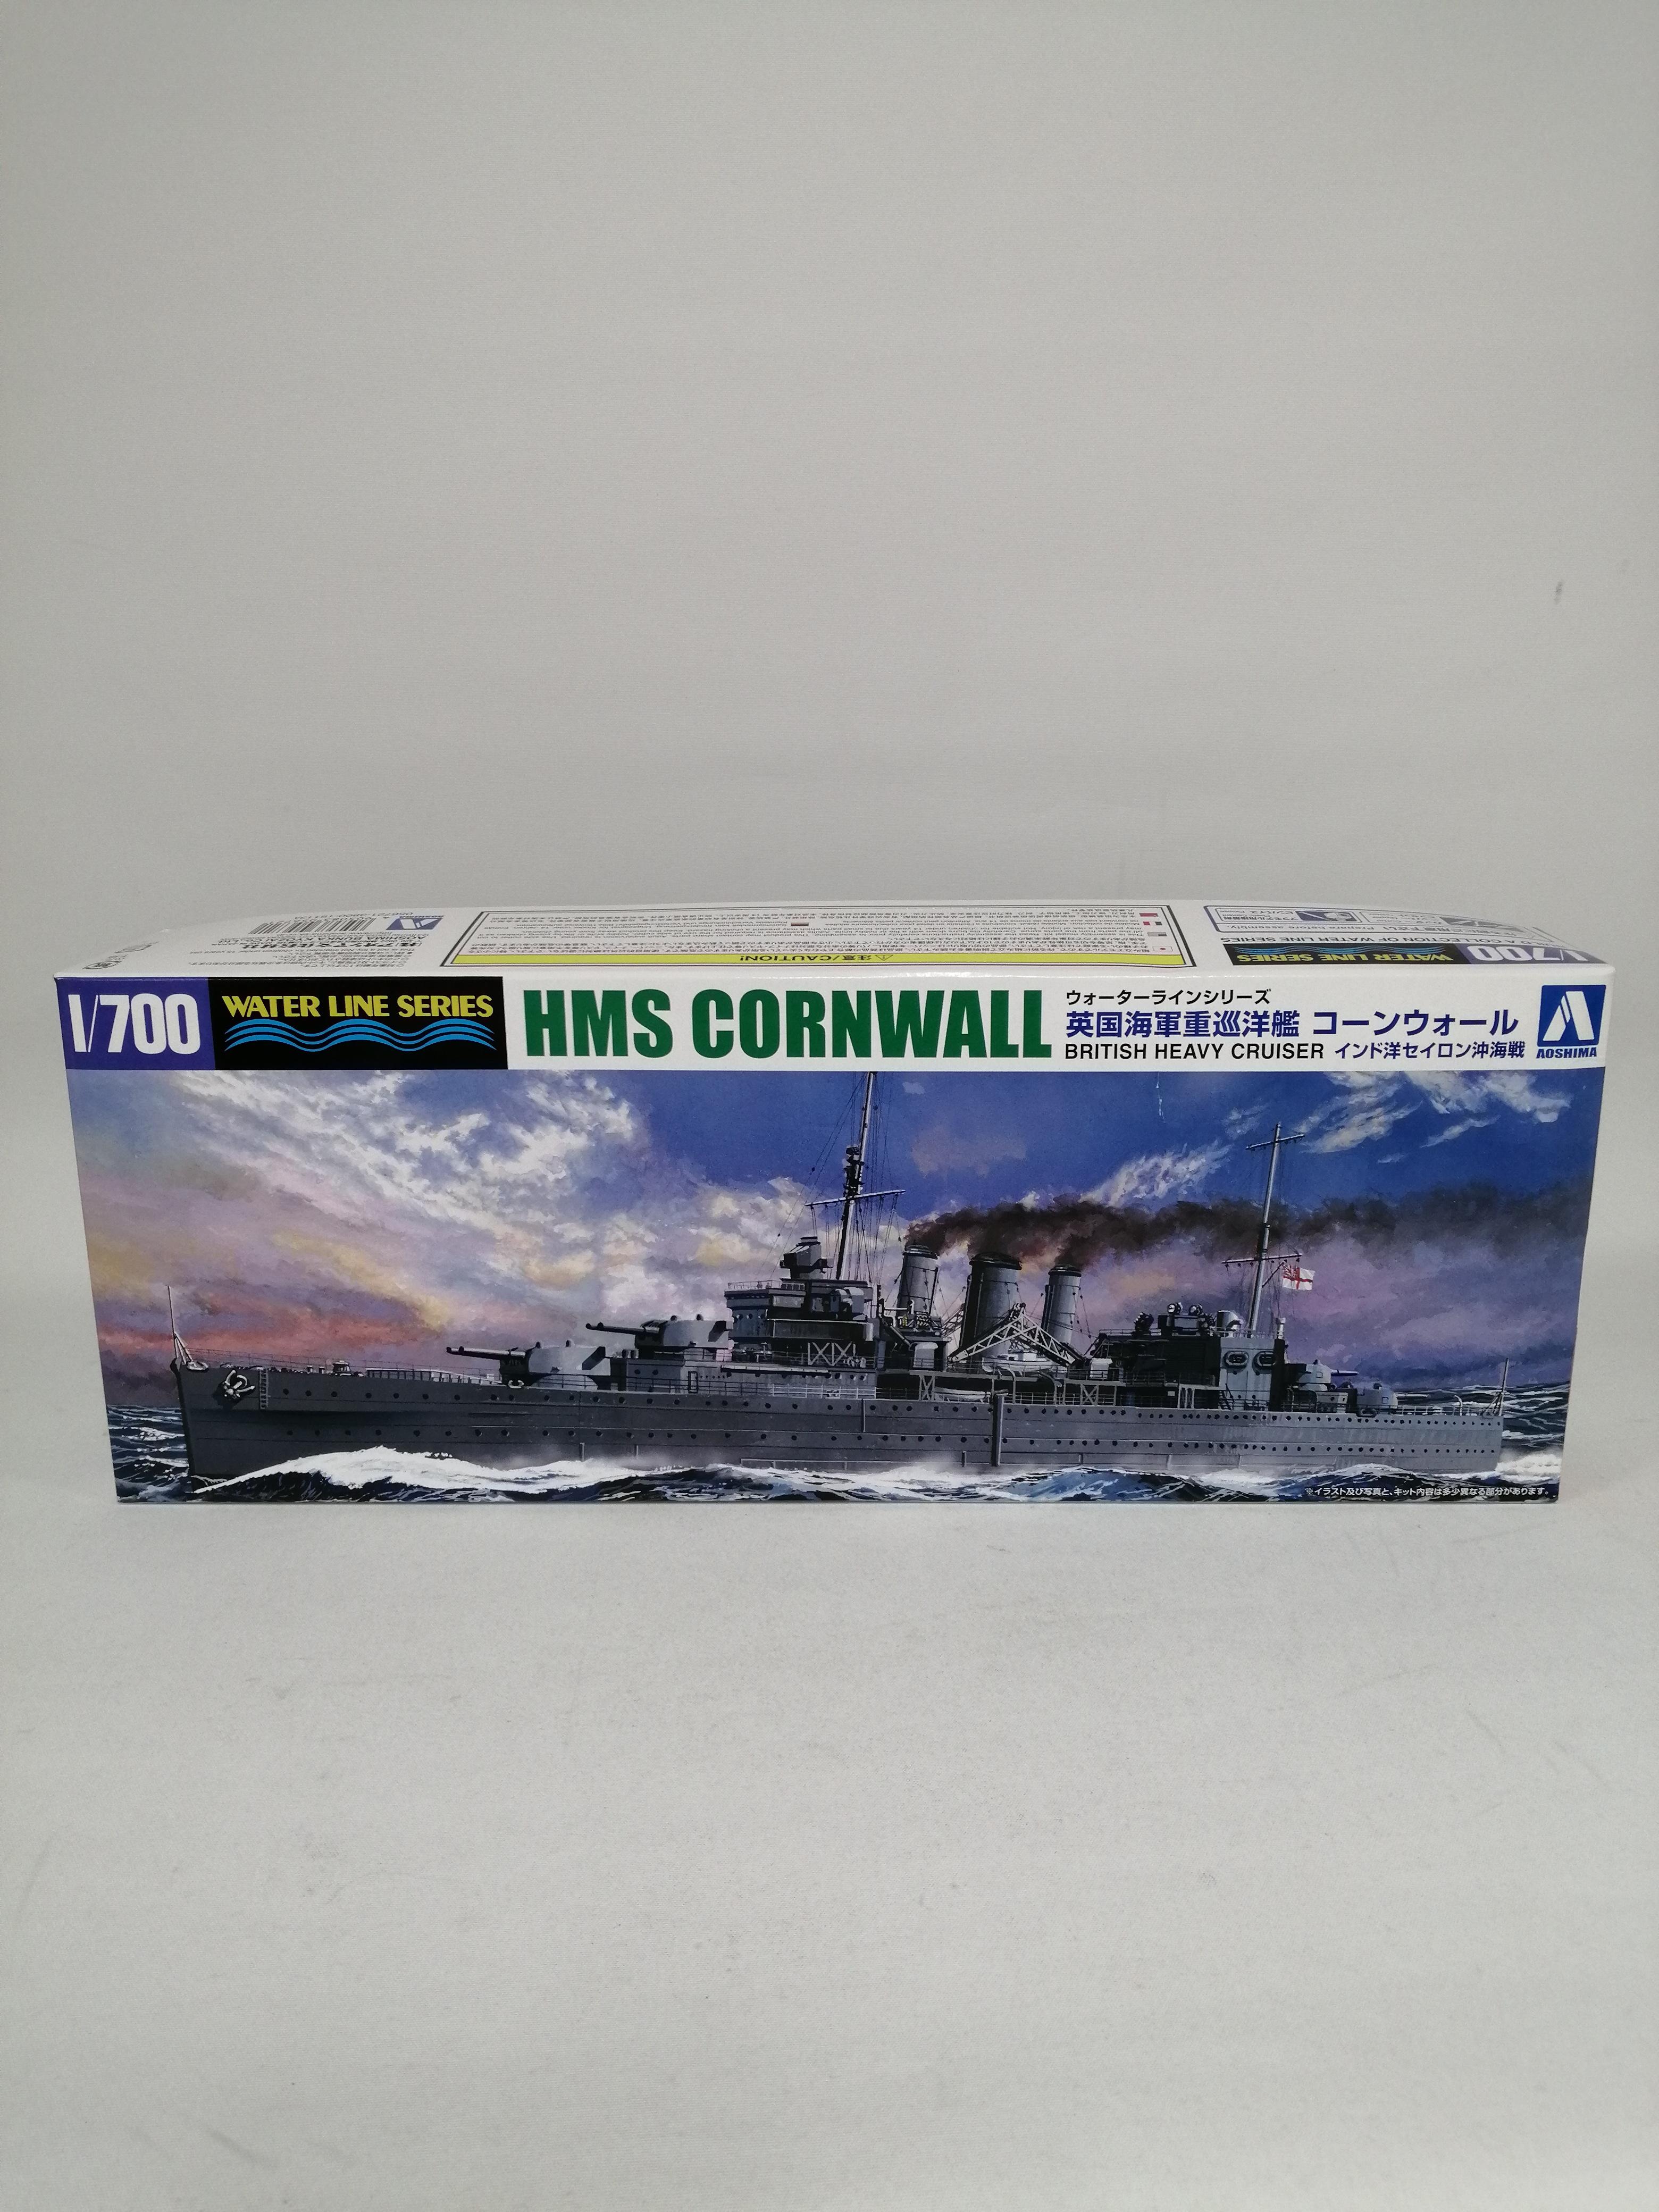 1/700 英国海軍重巡洋艦コーンウォール|青島文化教材社